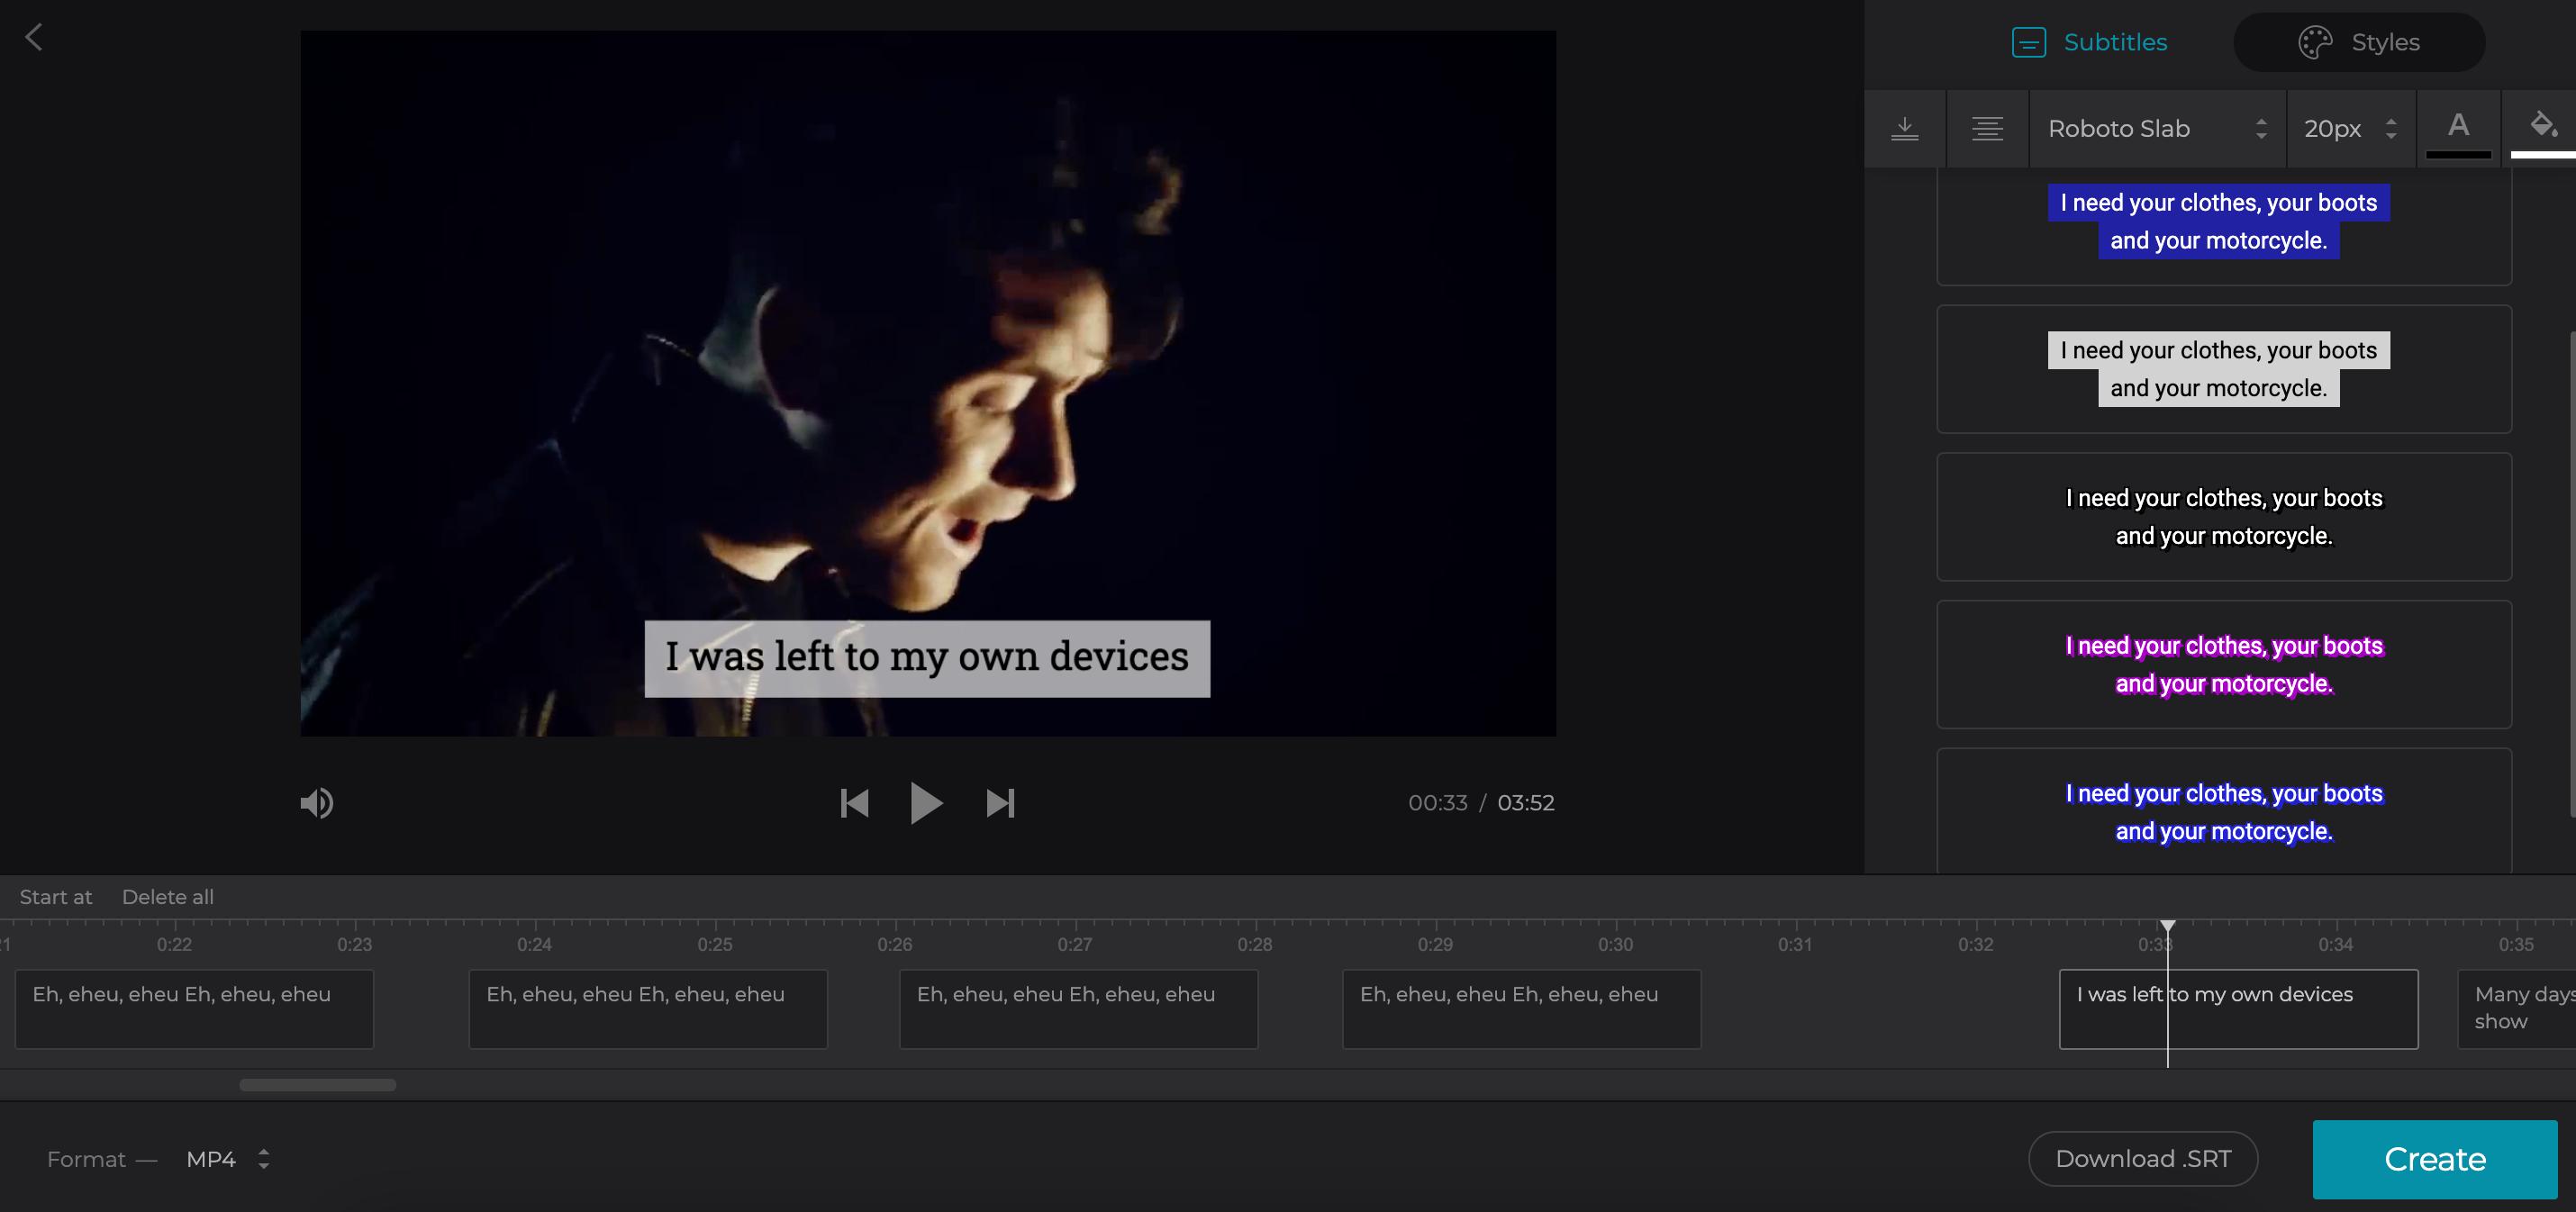 Adjust subtitles added to MKV